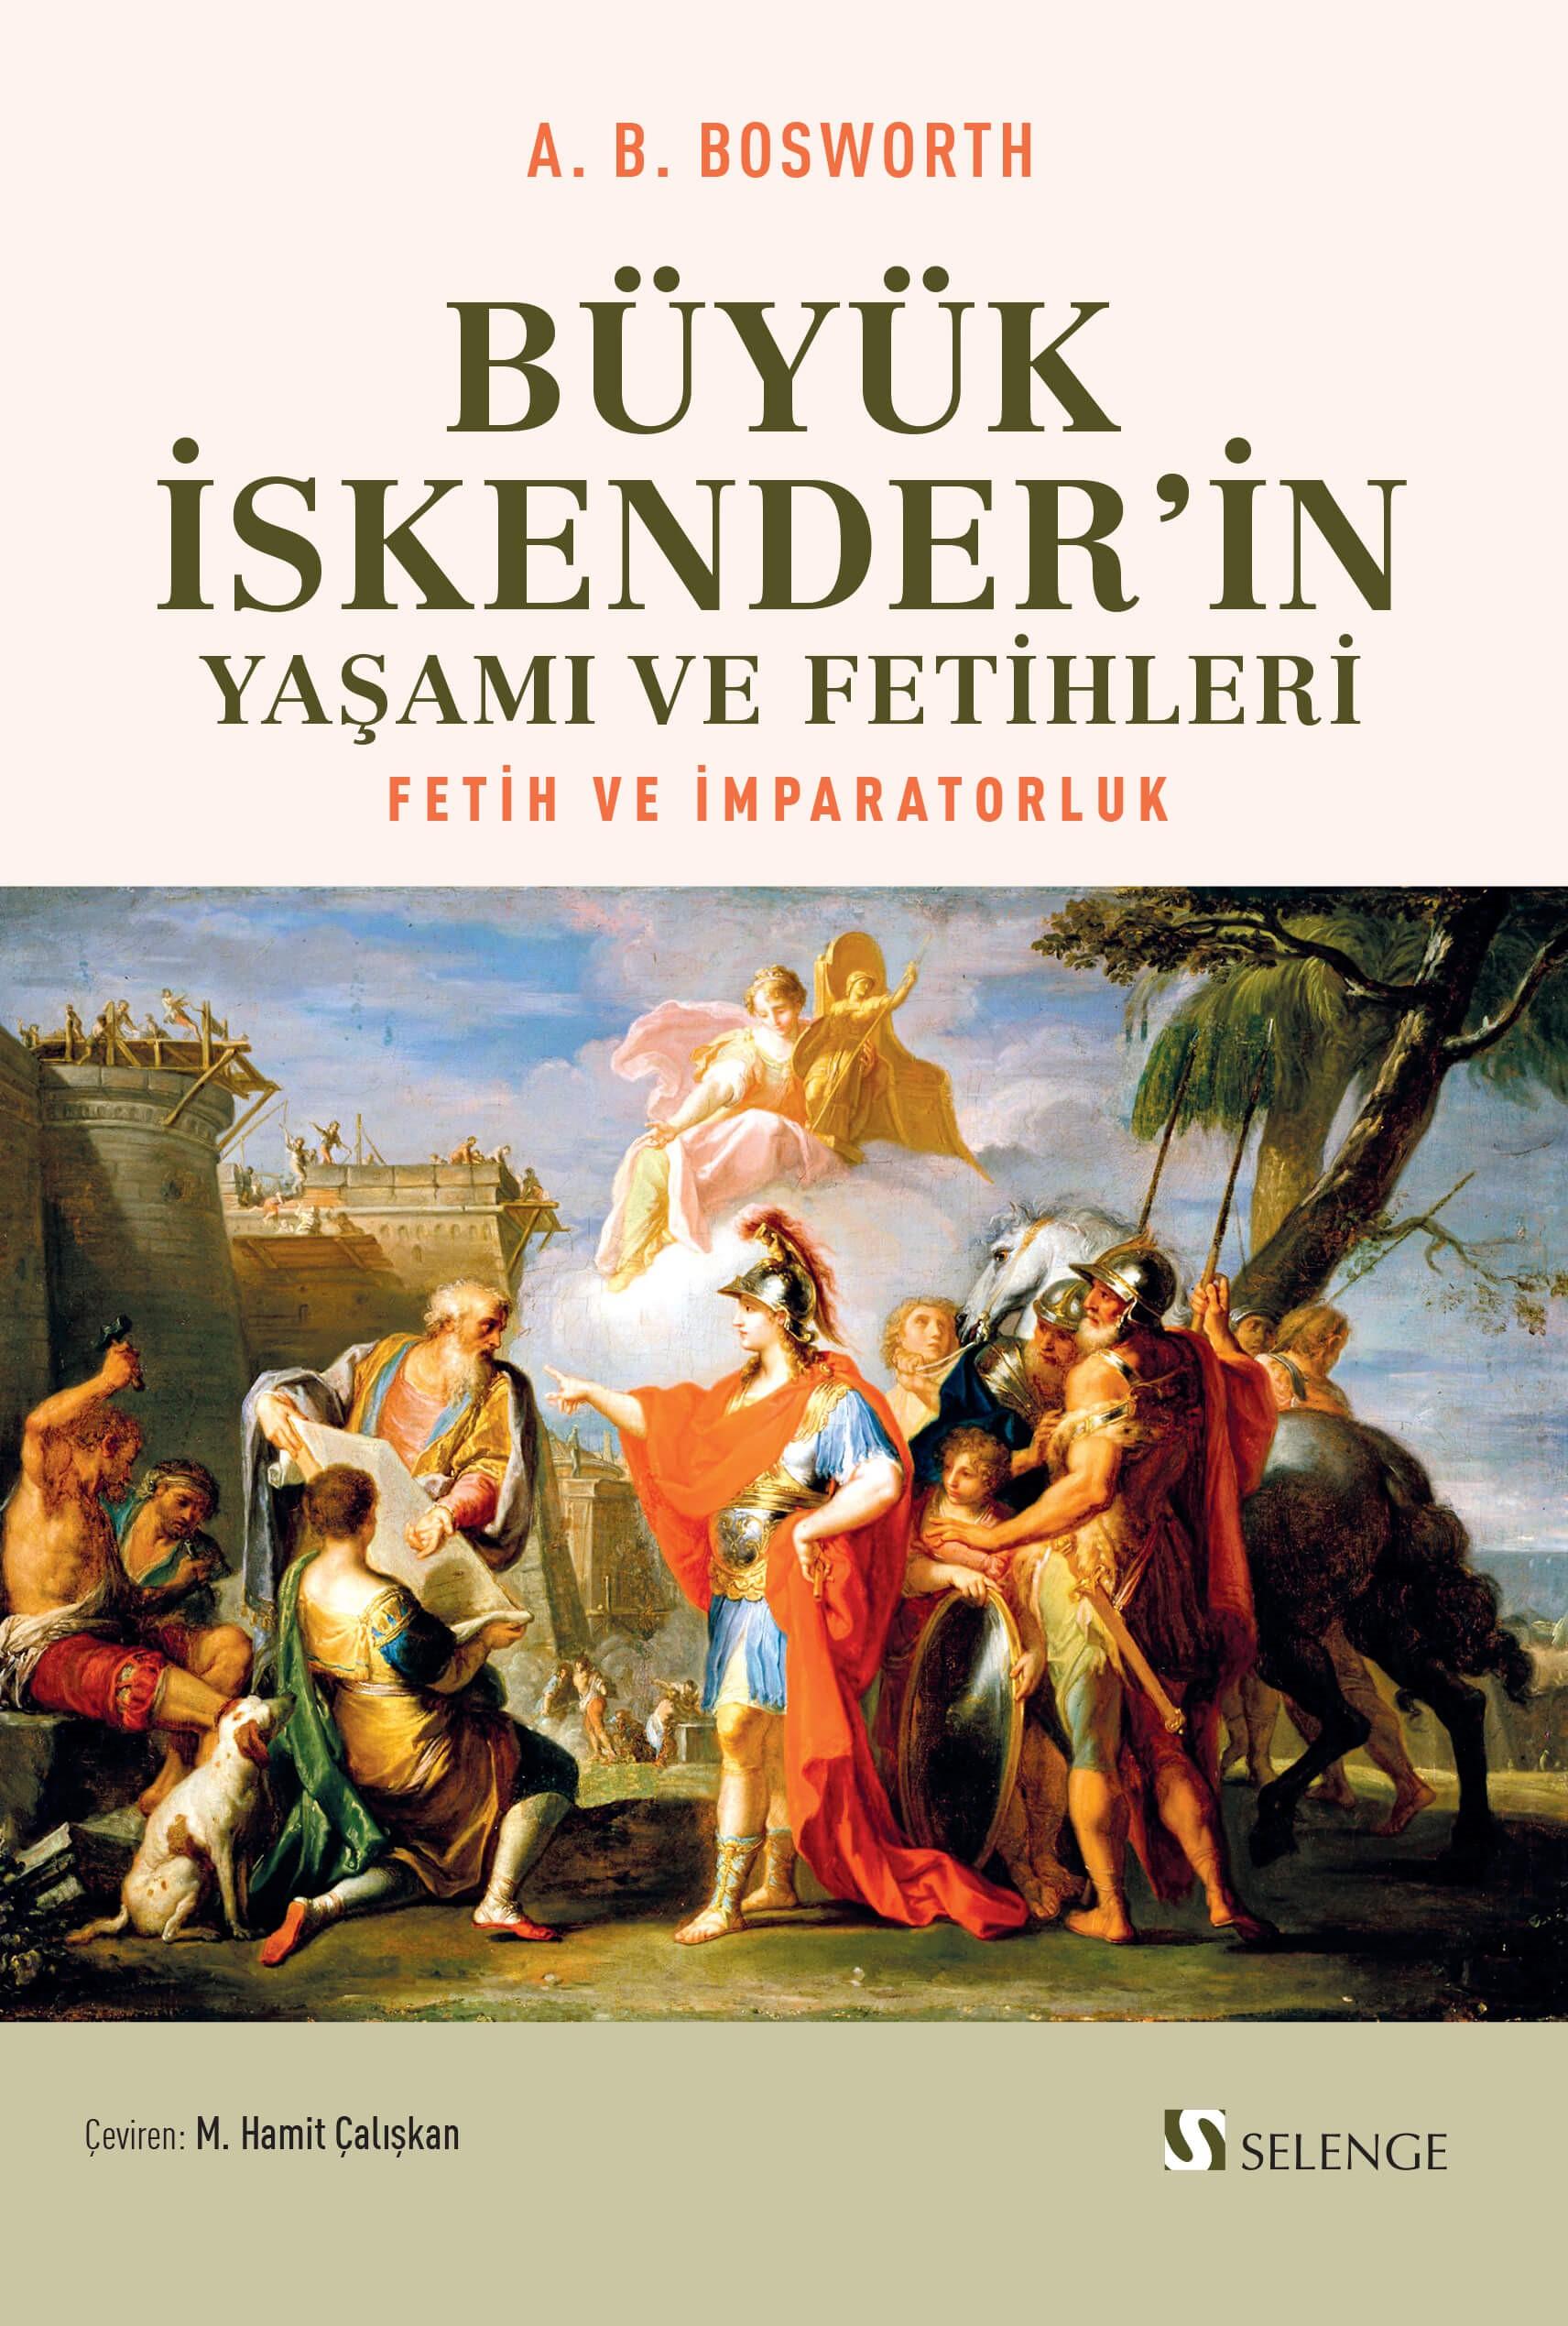 Büyük İskender'in Yaşamı ve Fetihleri